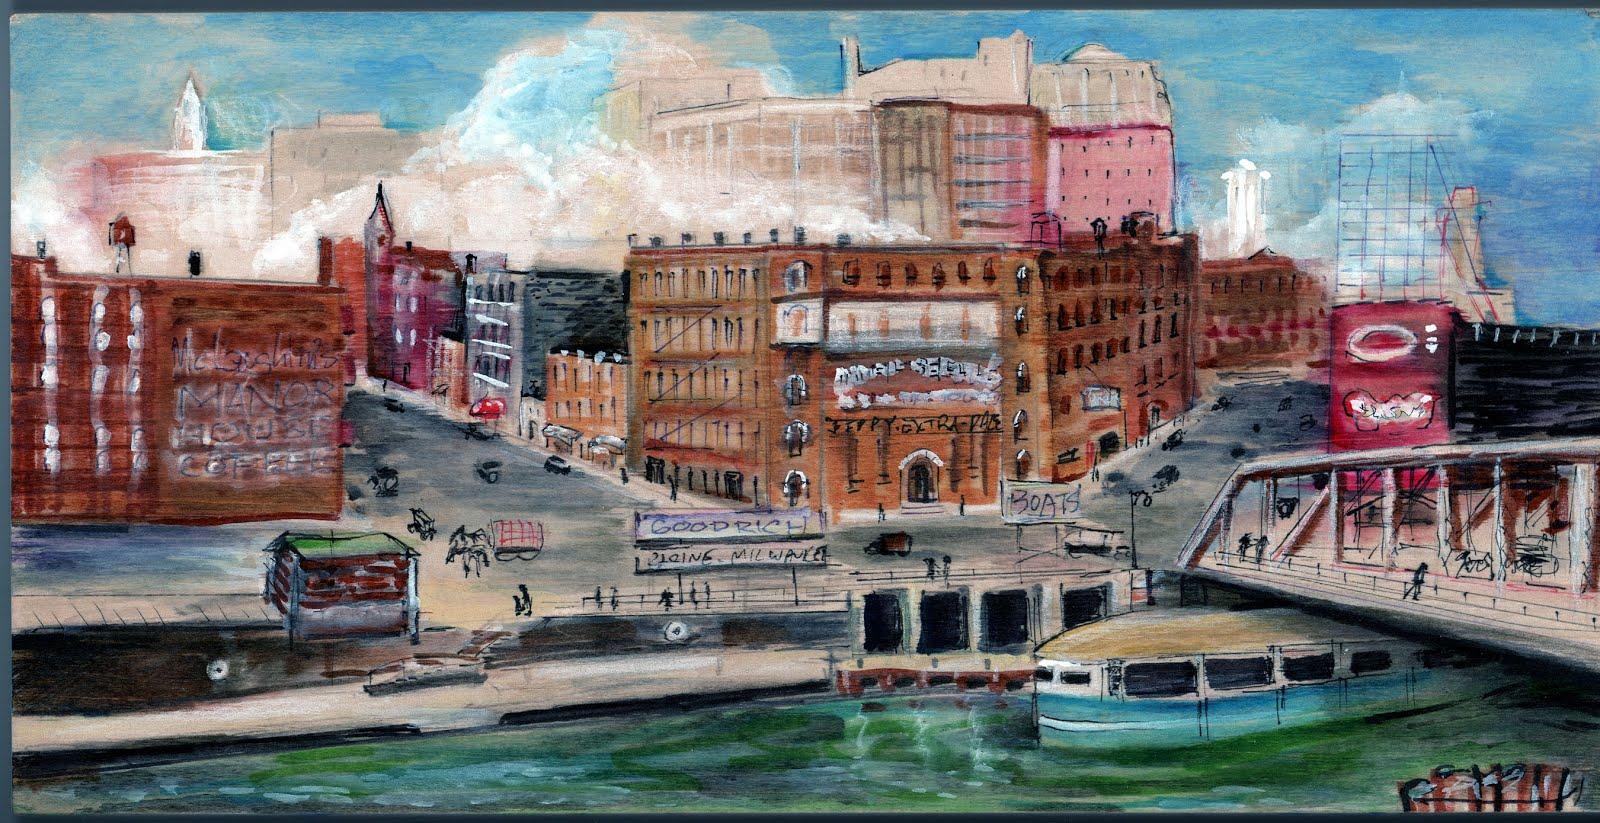 Before Michigan Avenue had a bridge